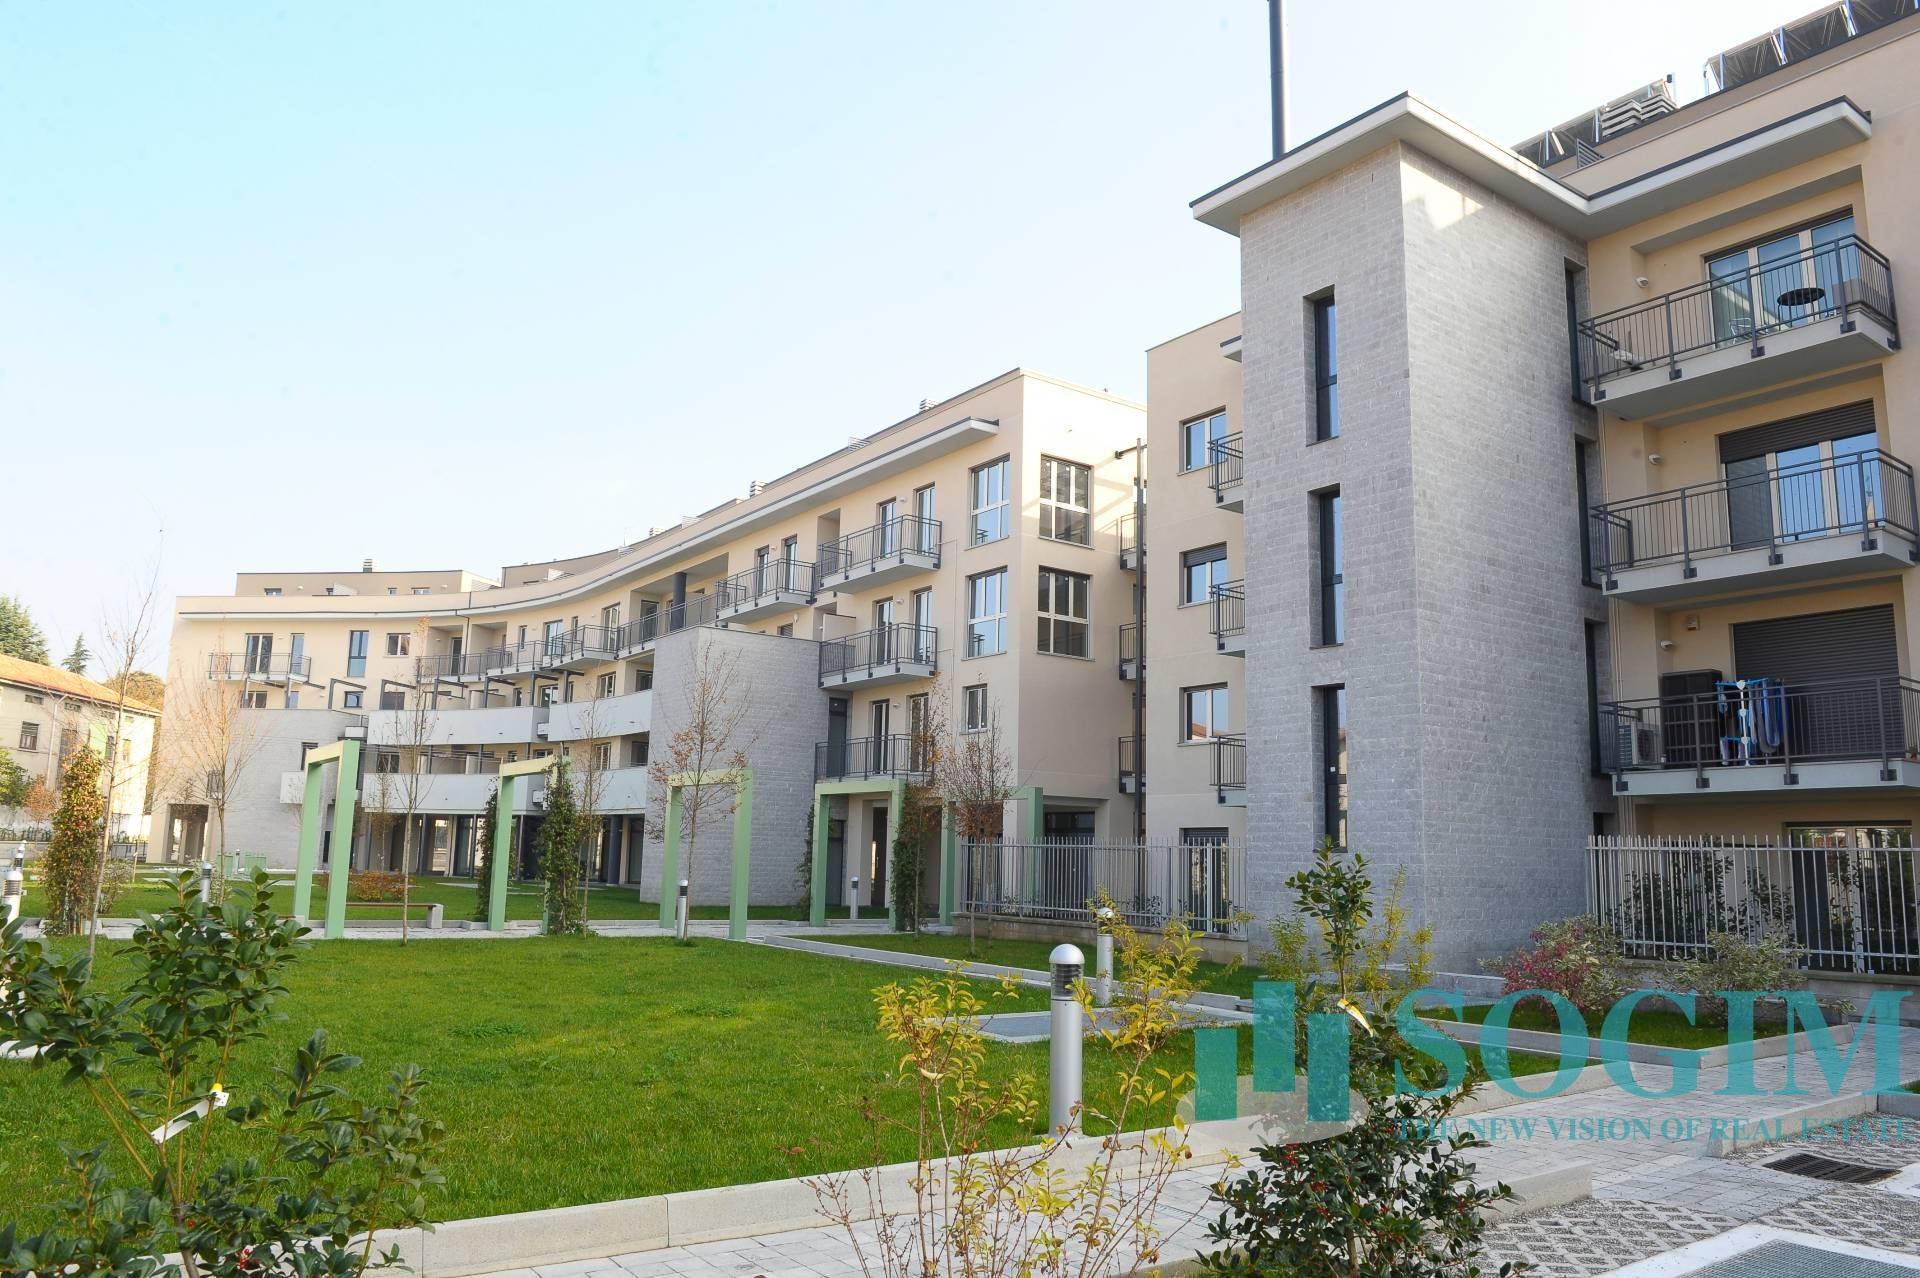 Immobile Commerciale in Vendita a Carugo  rif. 7565